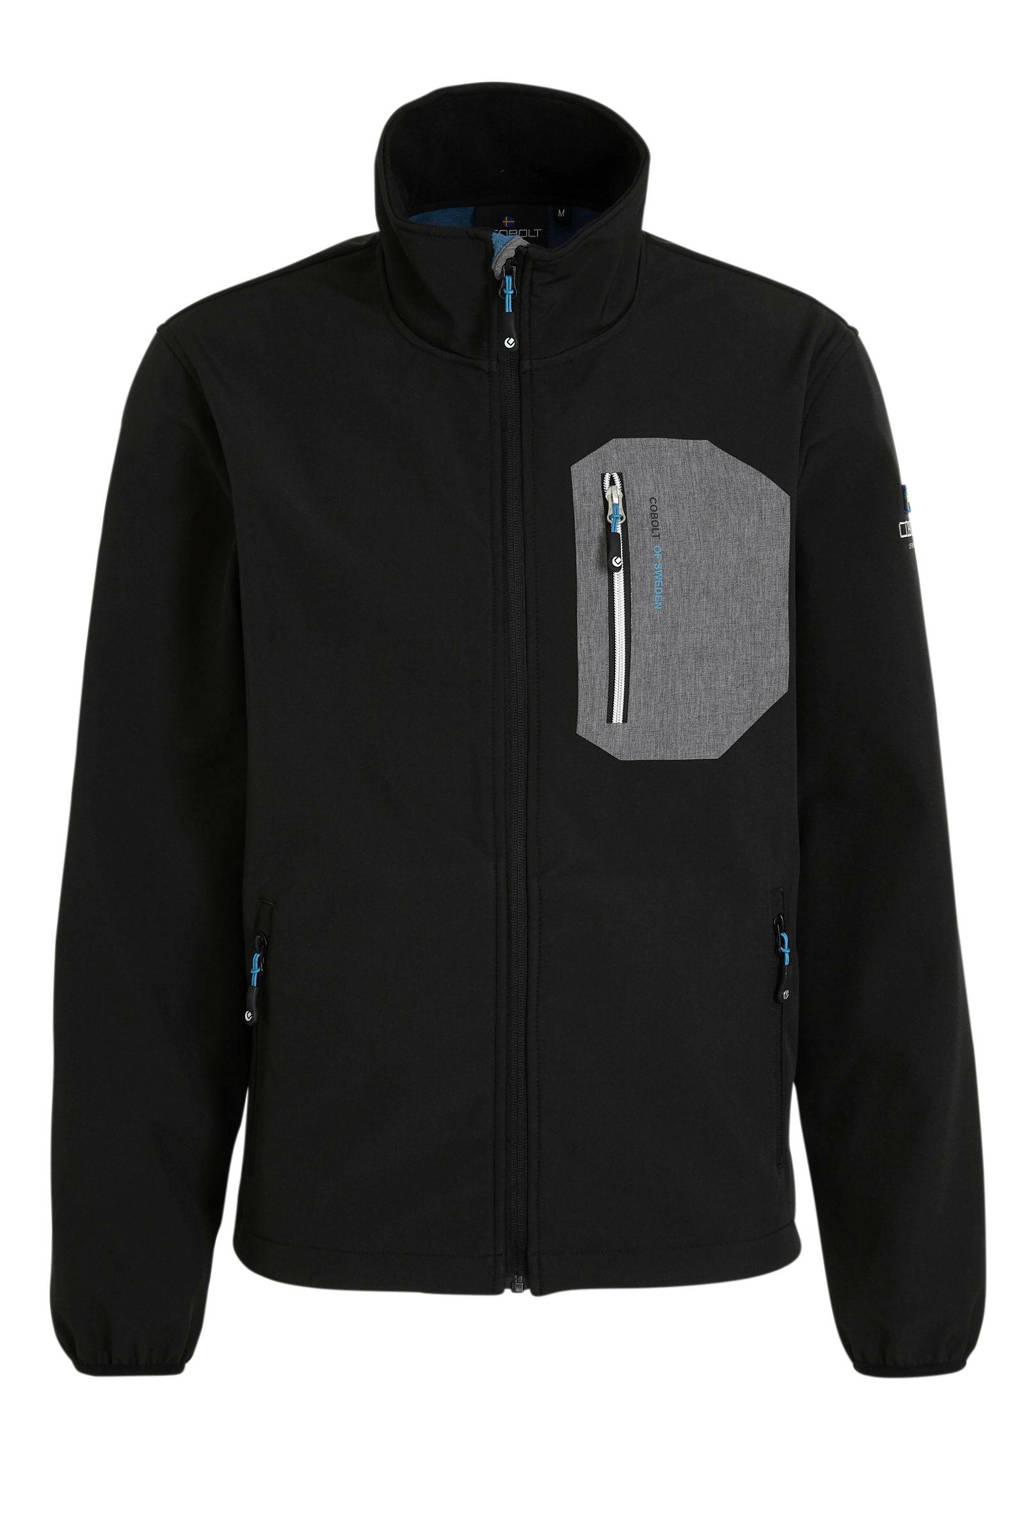 Cobolt softshell outdoor jas zwart/grijs, Zwart/grijs